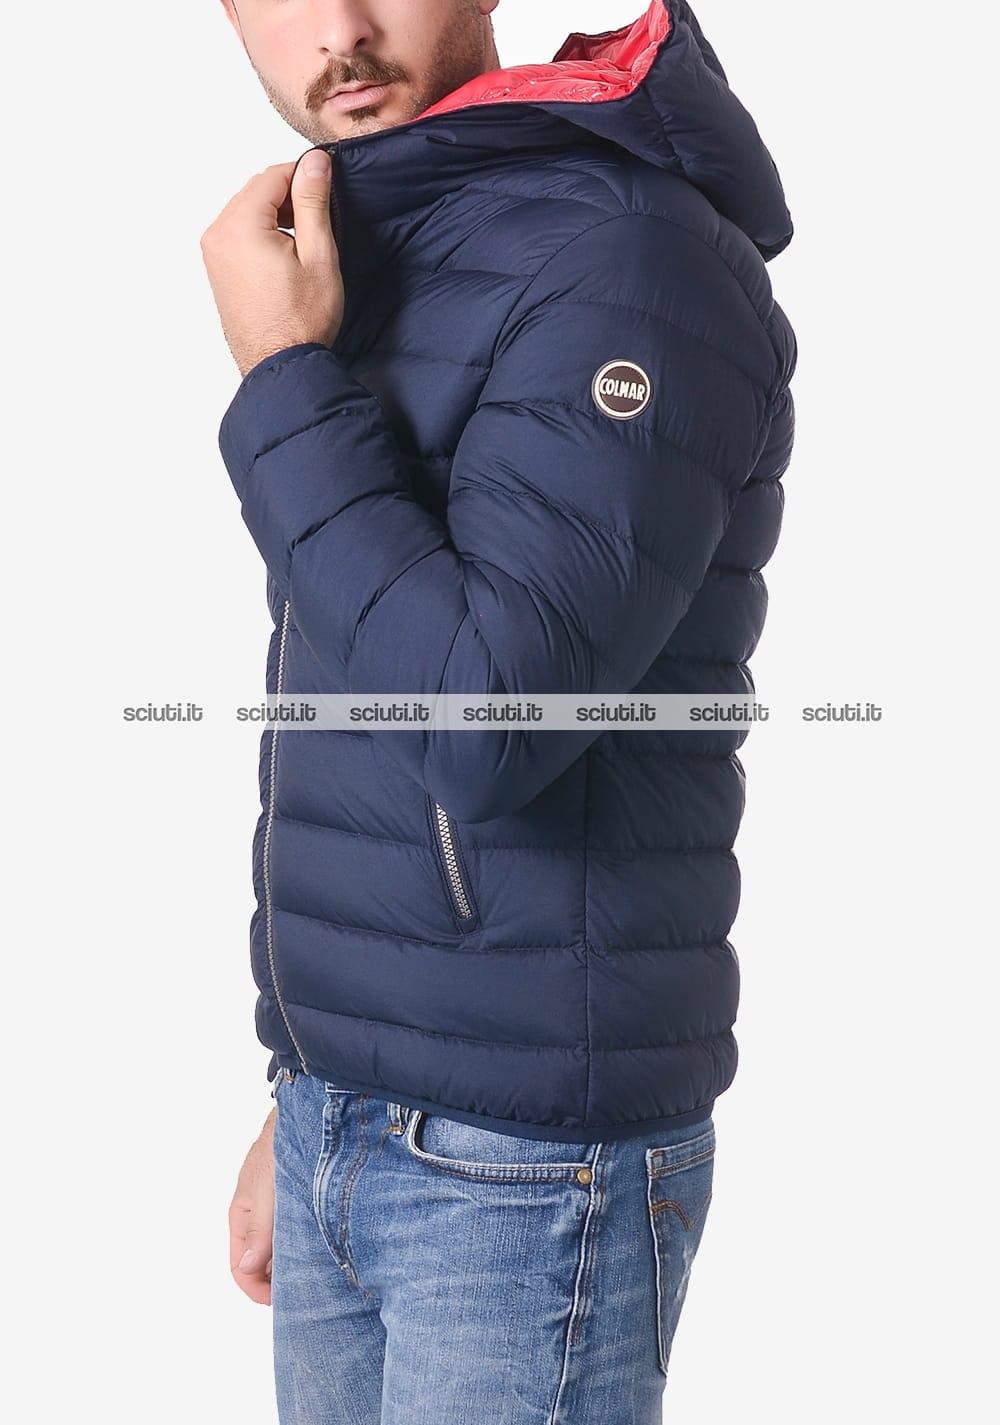 Piumino Colmar uomo blu scuro opaco pesante con cappuccio